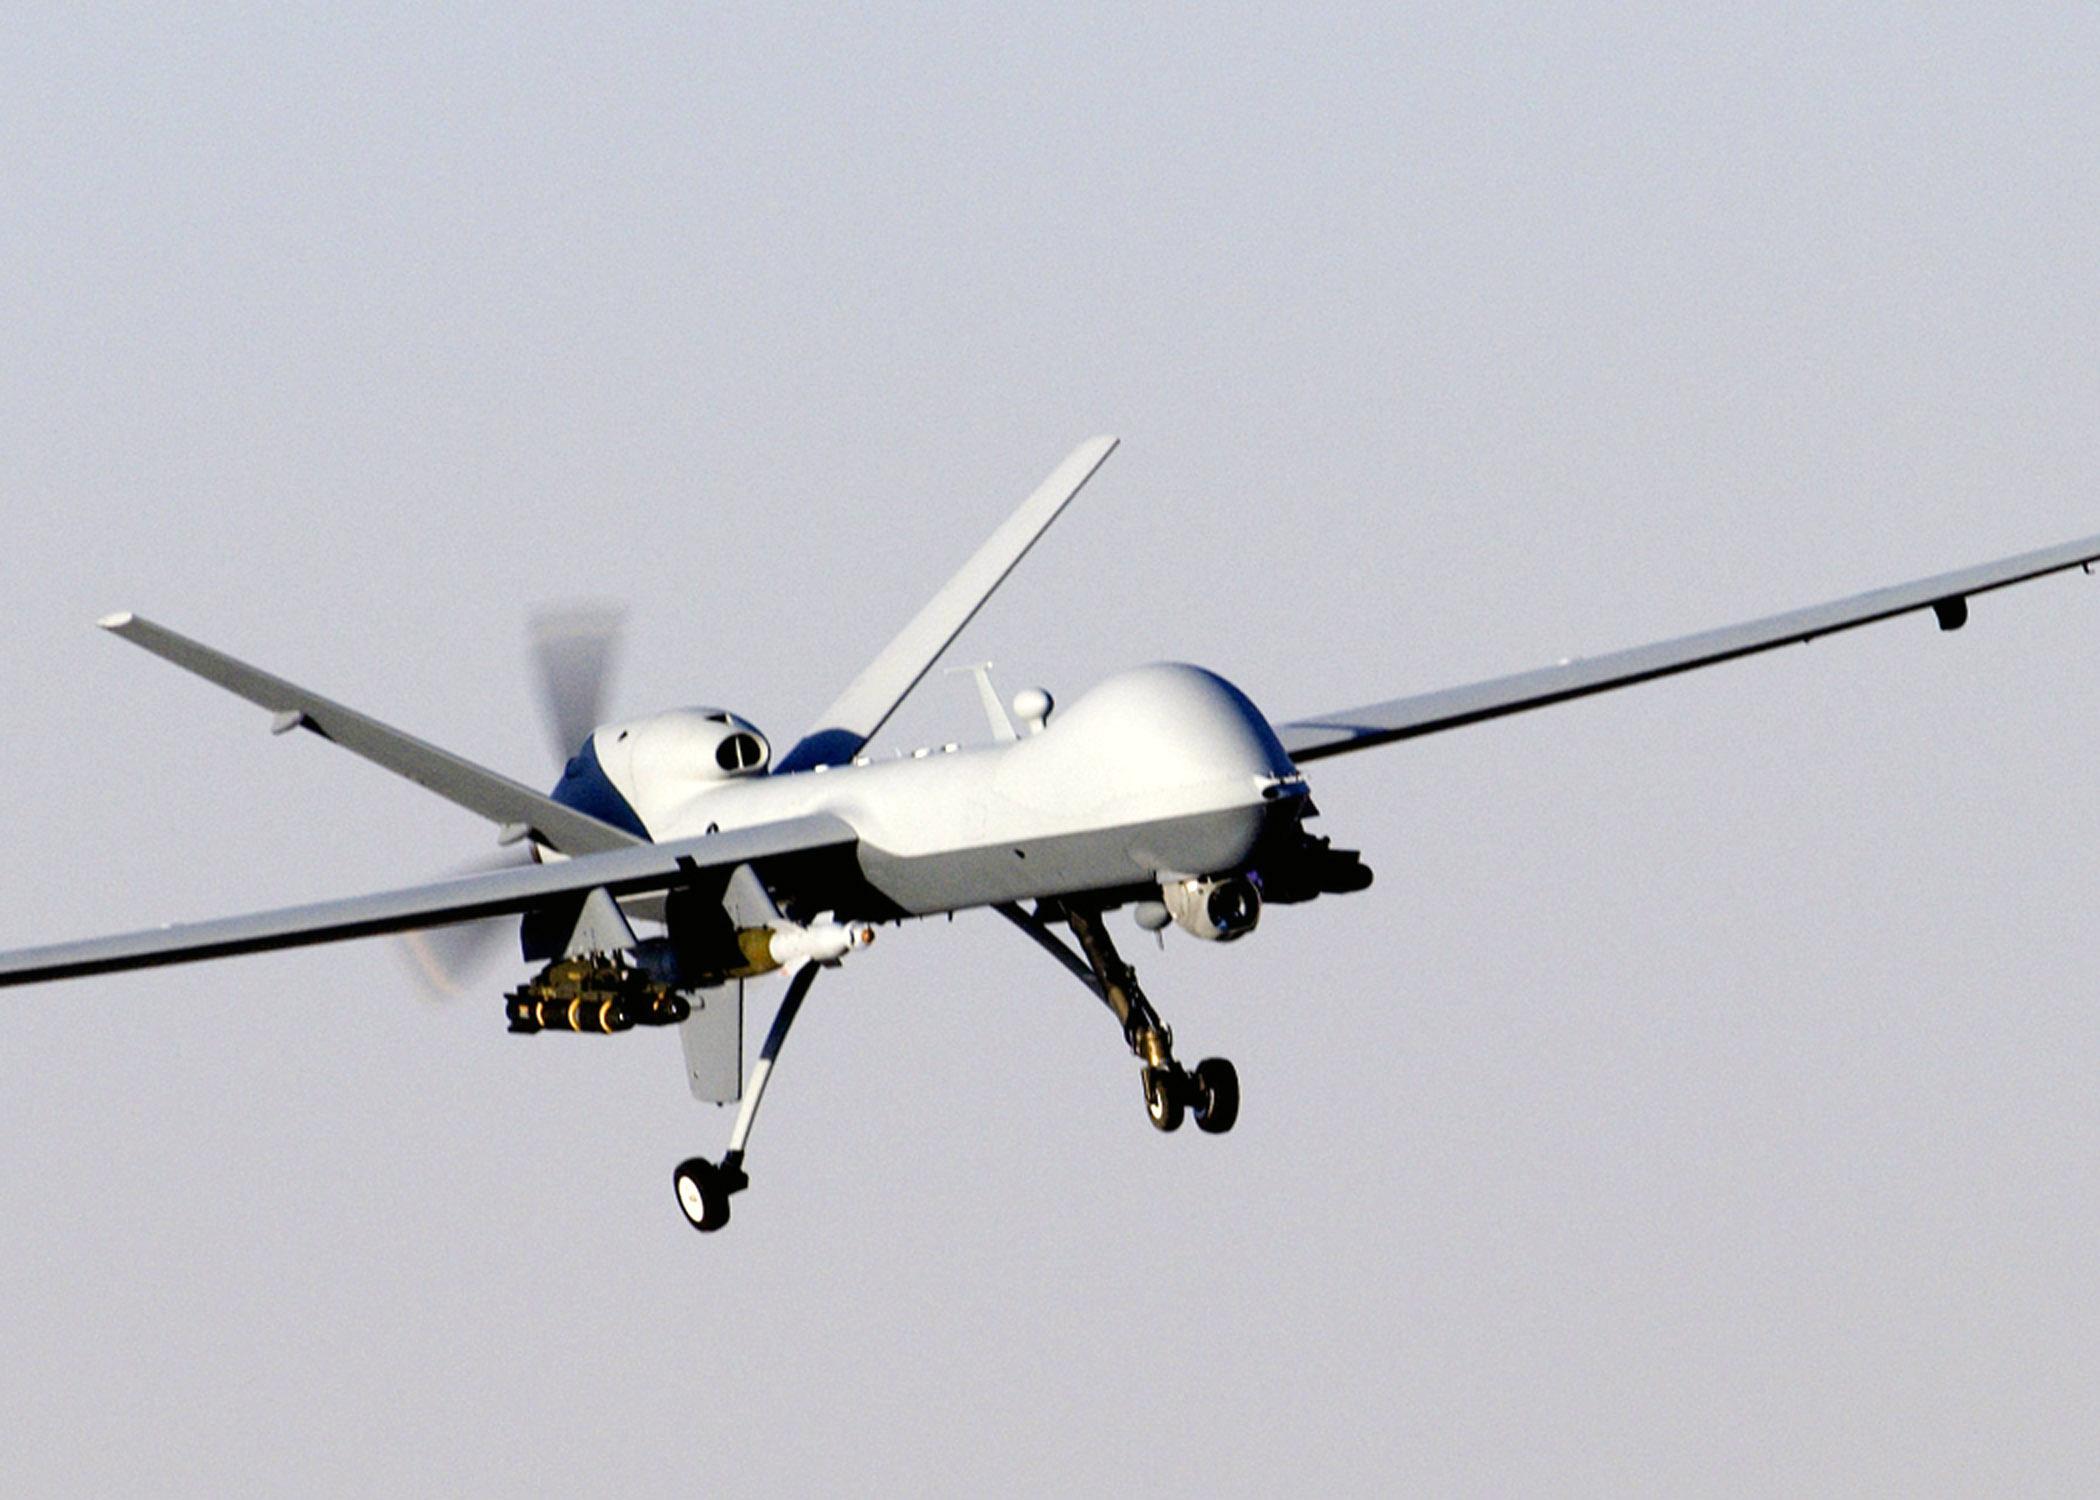 أول طائرة بدون طيار مغربية الصنع تحصل على 5 براءات اختراع